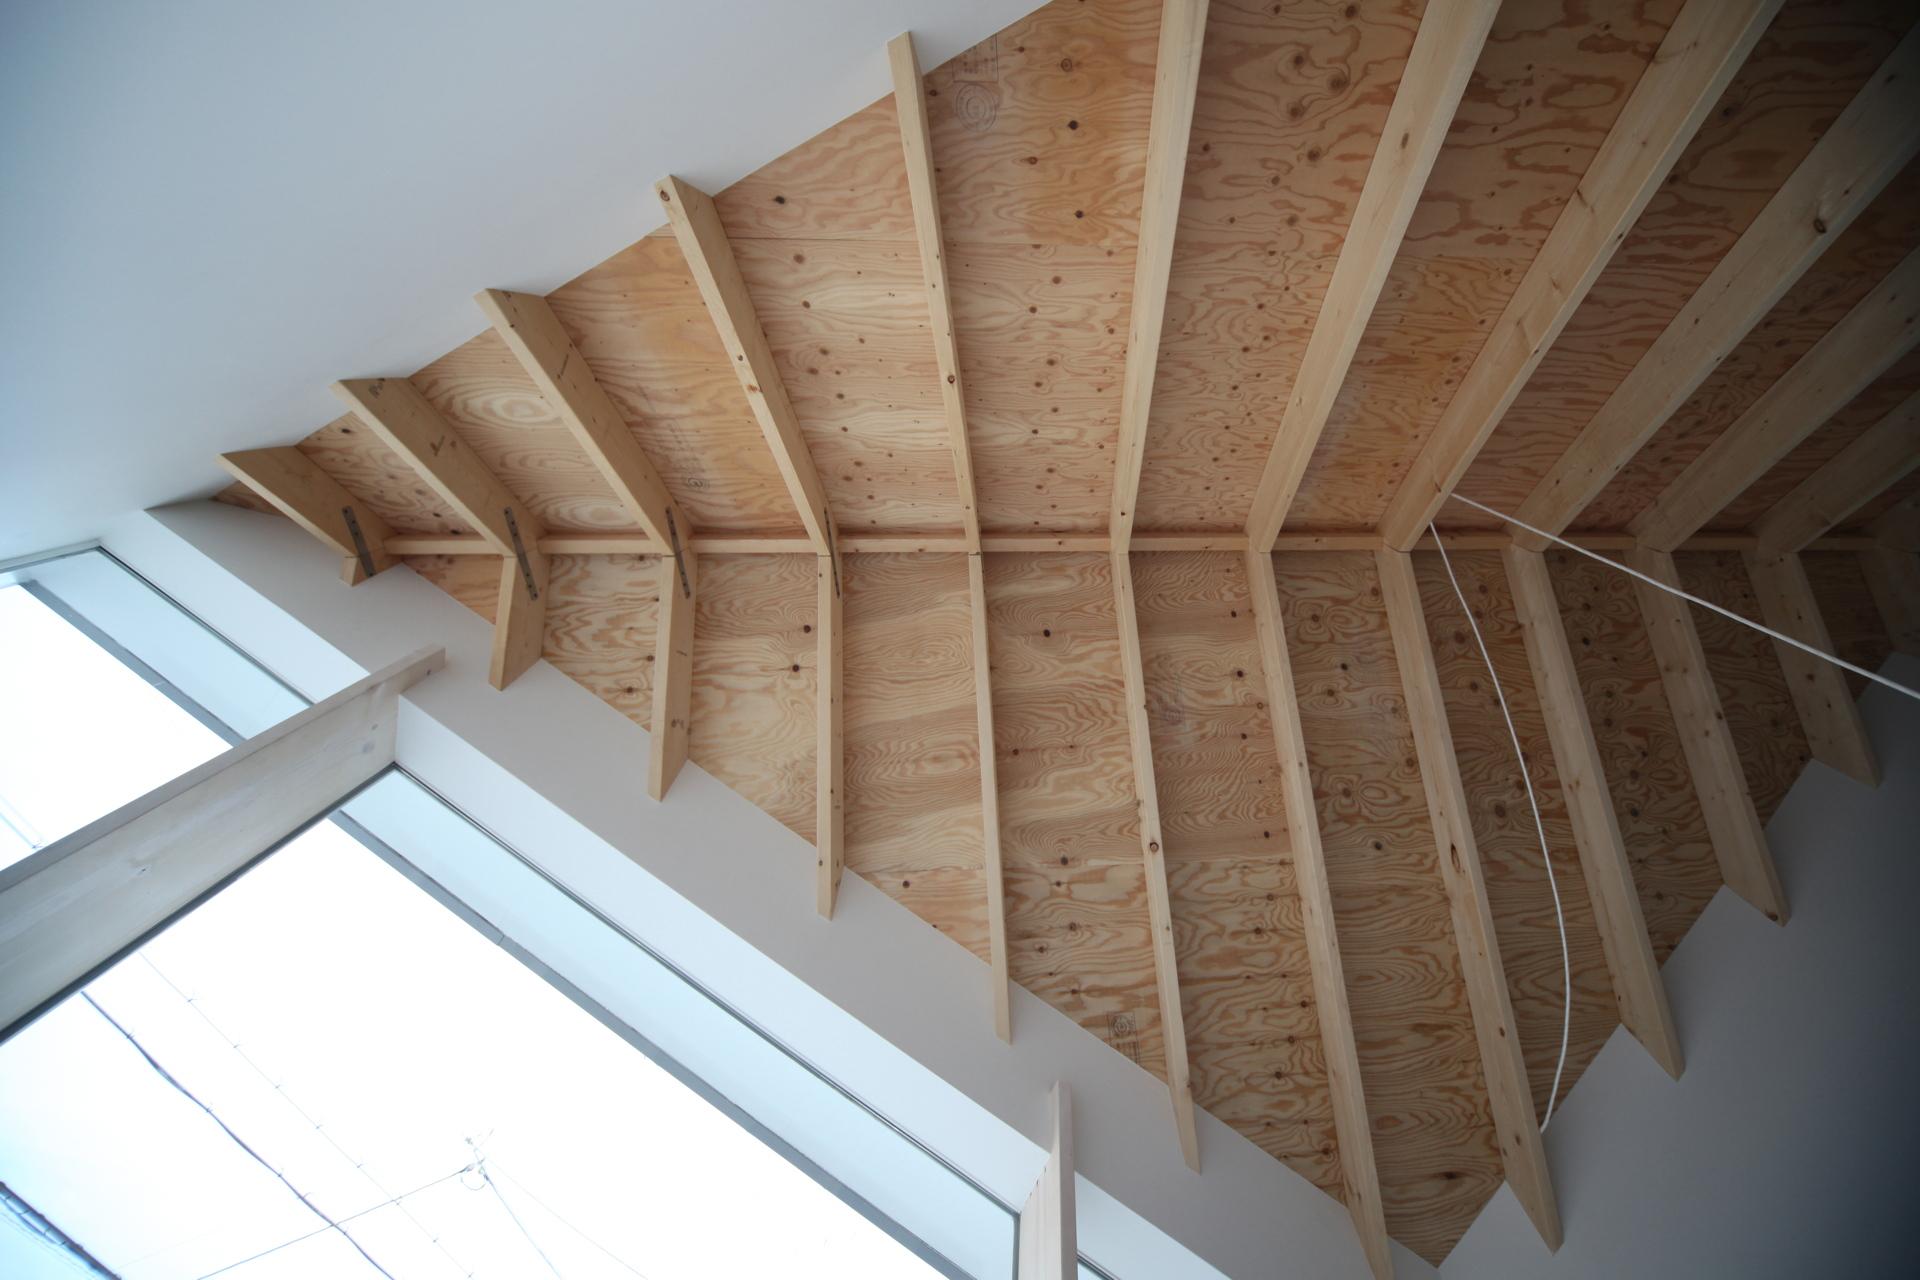 Nhà ở gây thương nhớ với thiết kế lấy cảm hứng từ hình dạng của viên kim cương - Ảnh 8.